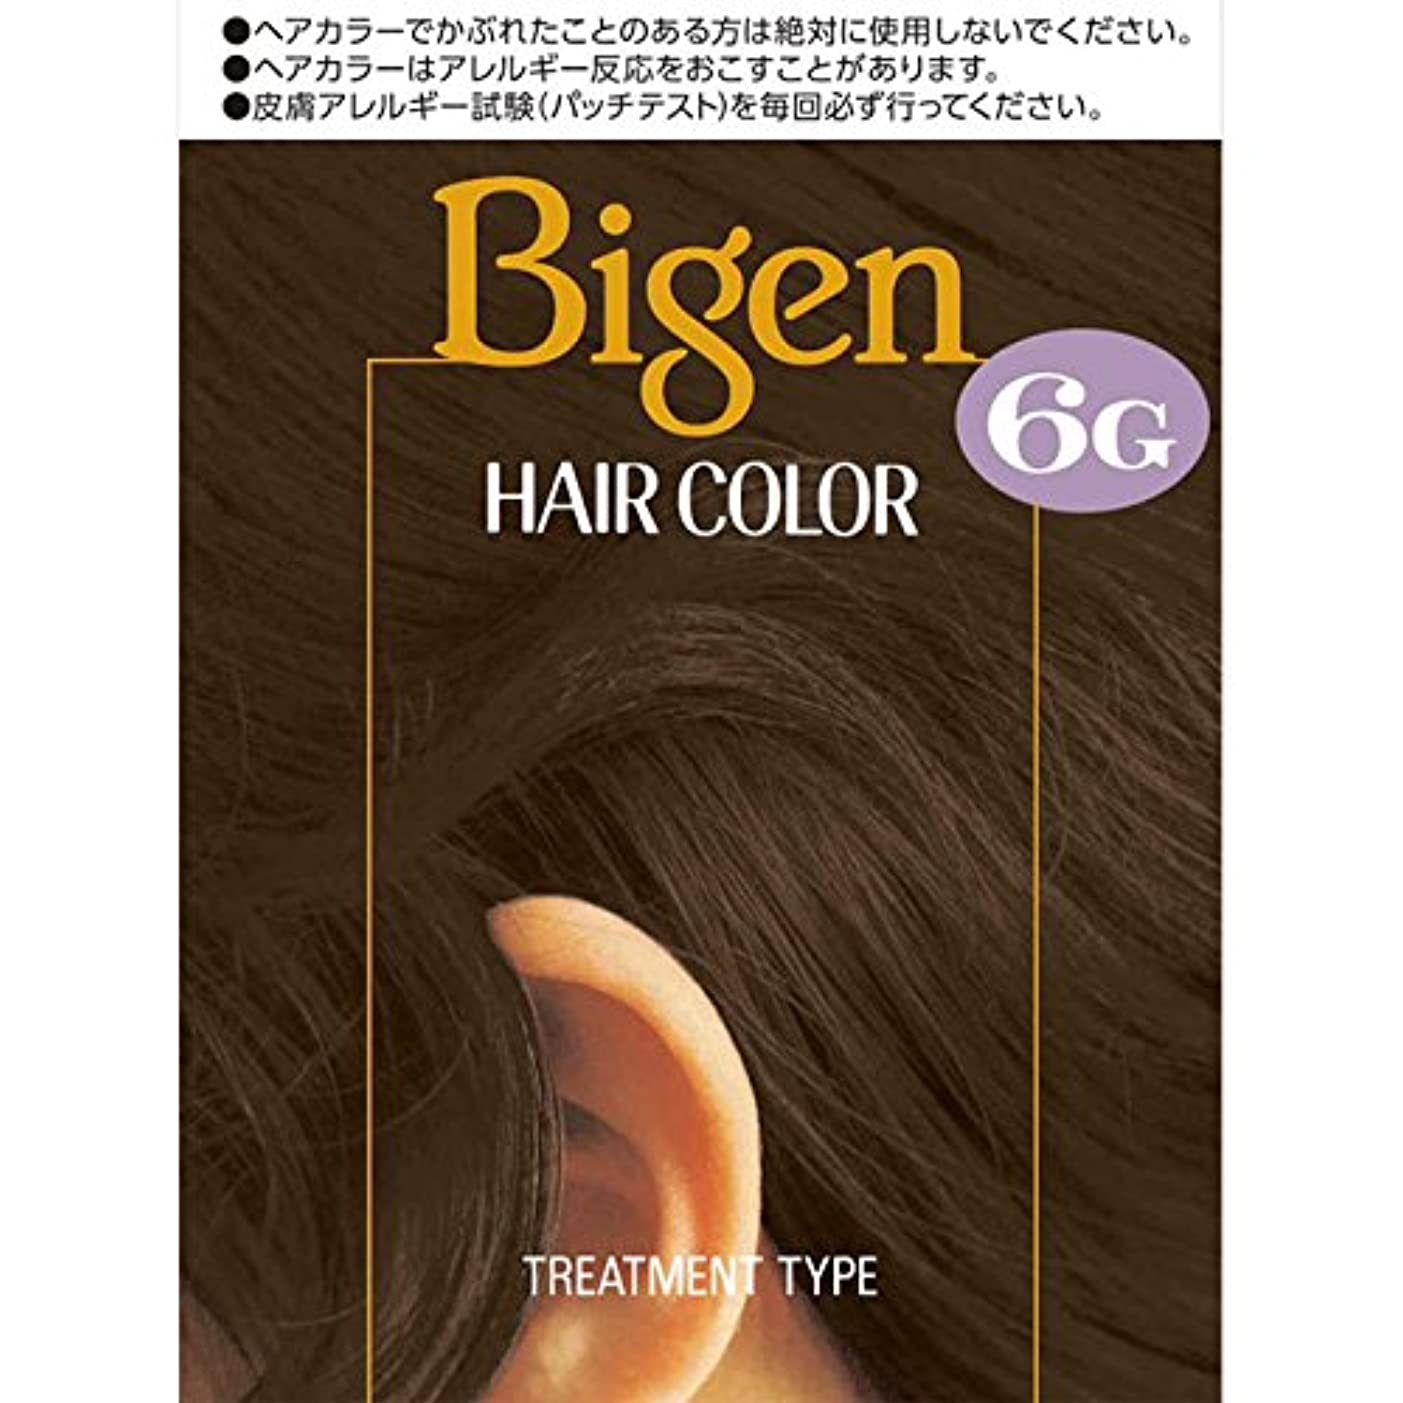 サーバ大惨事主導権ホーユー ビゲン ヘアカラー 6G 自然な褐色 40ml×2